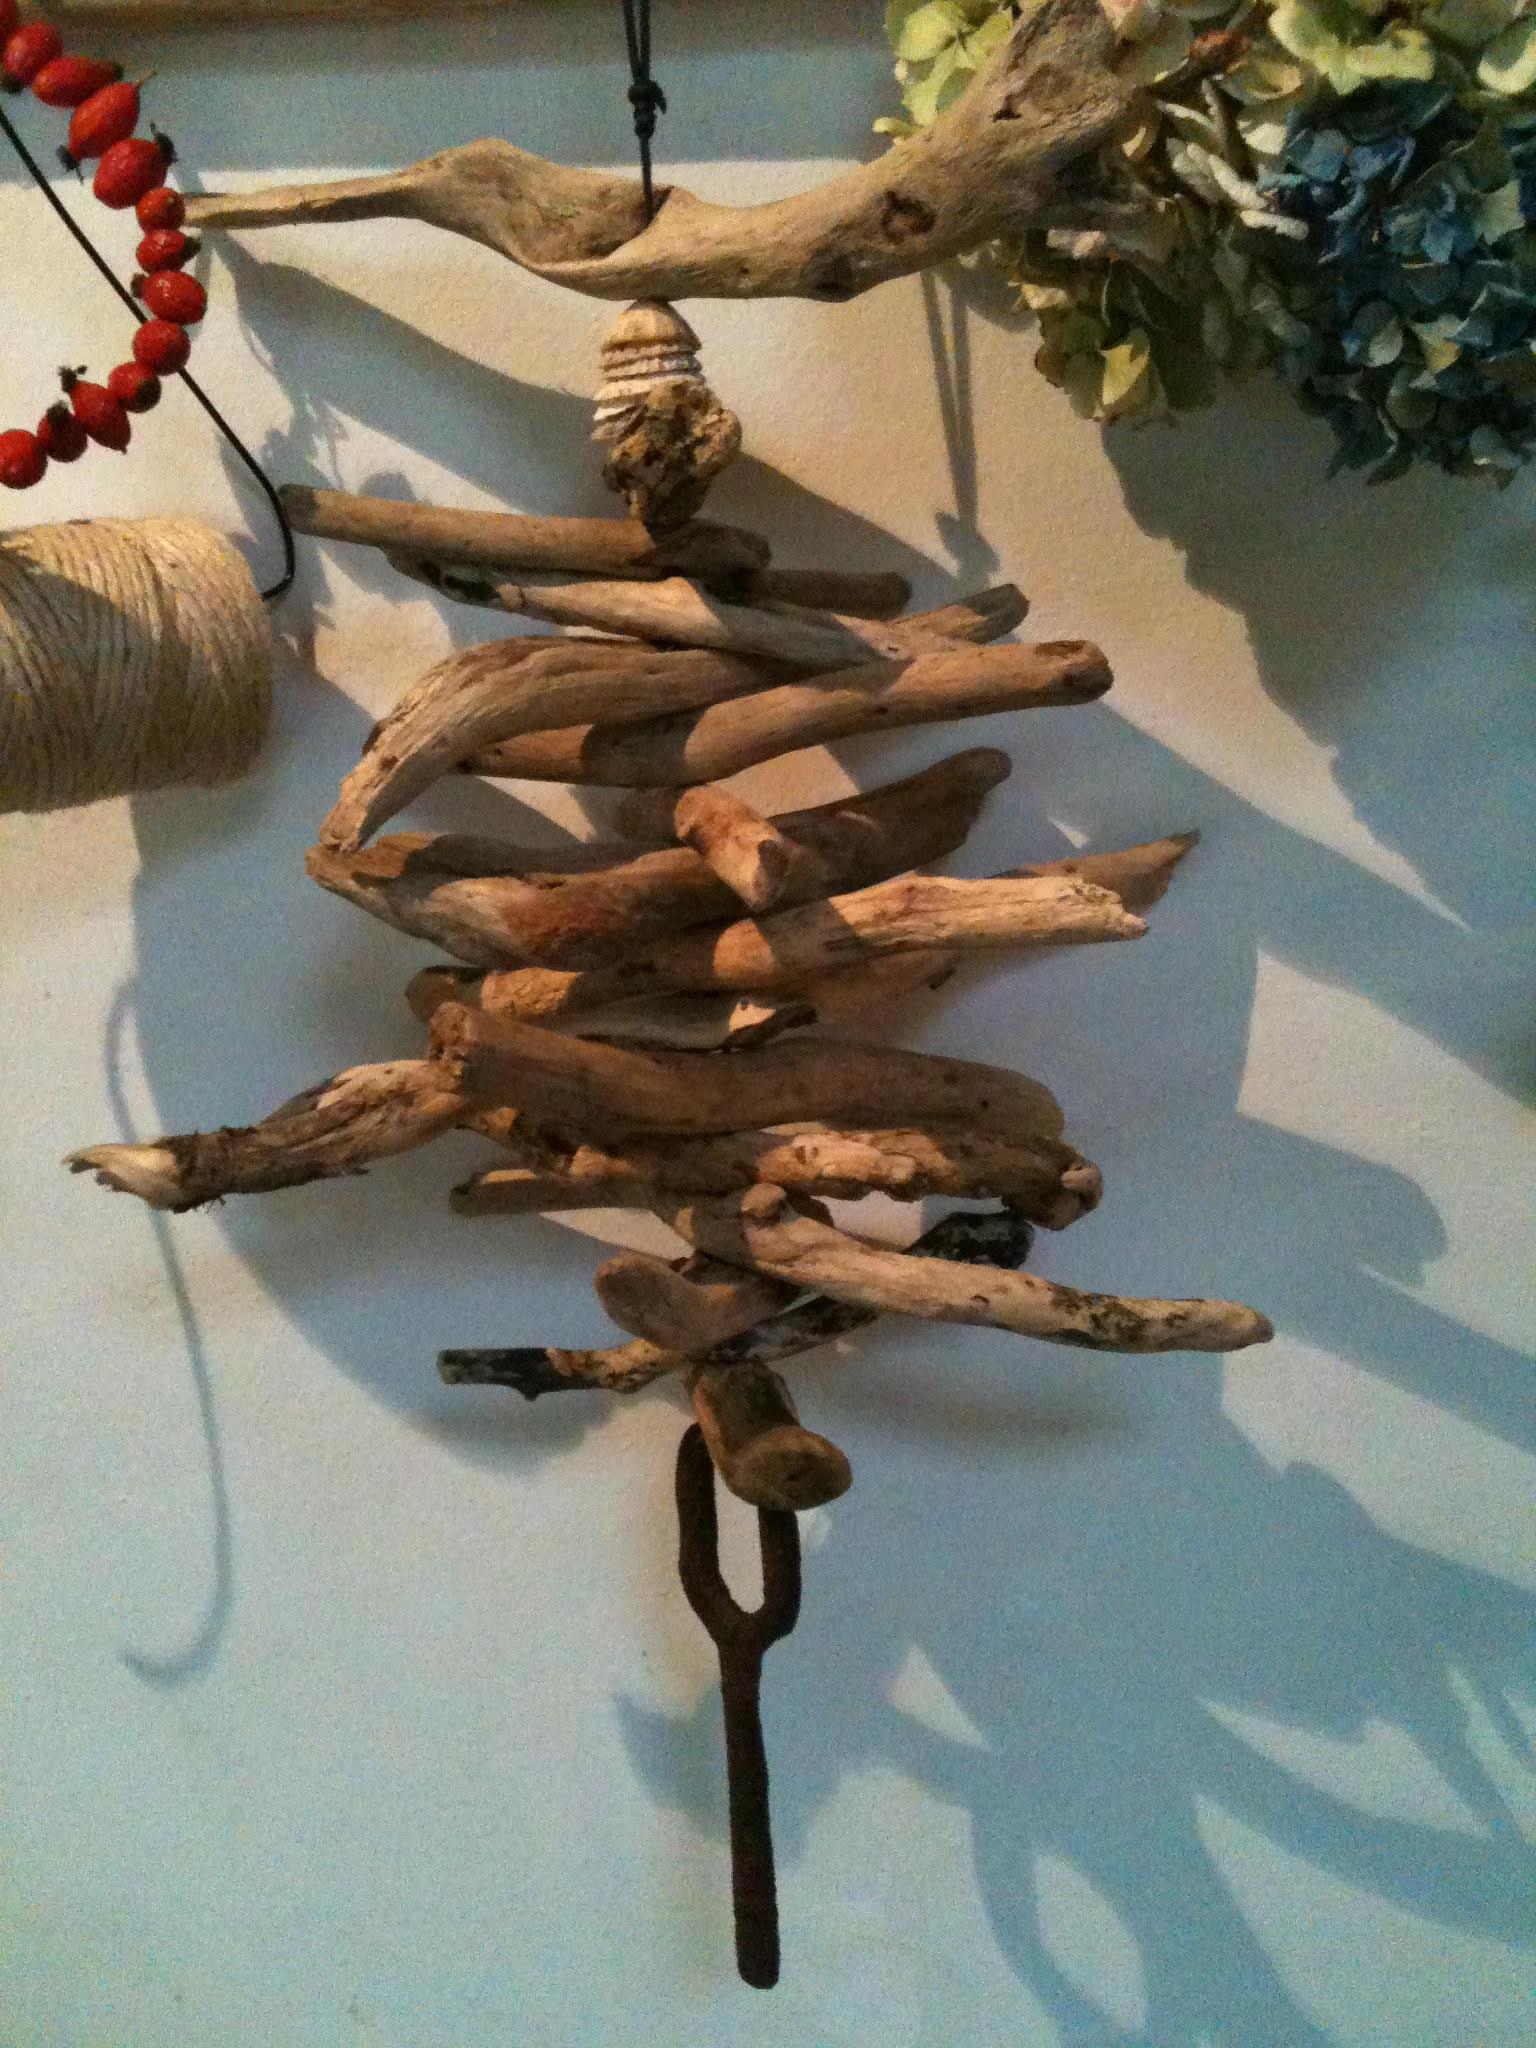 Driftwood hanging sculpture